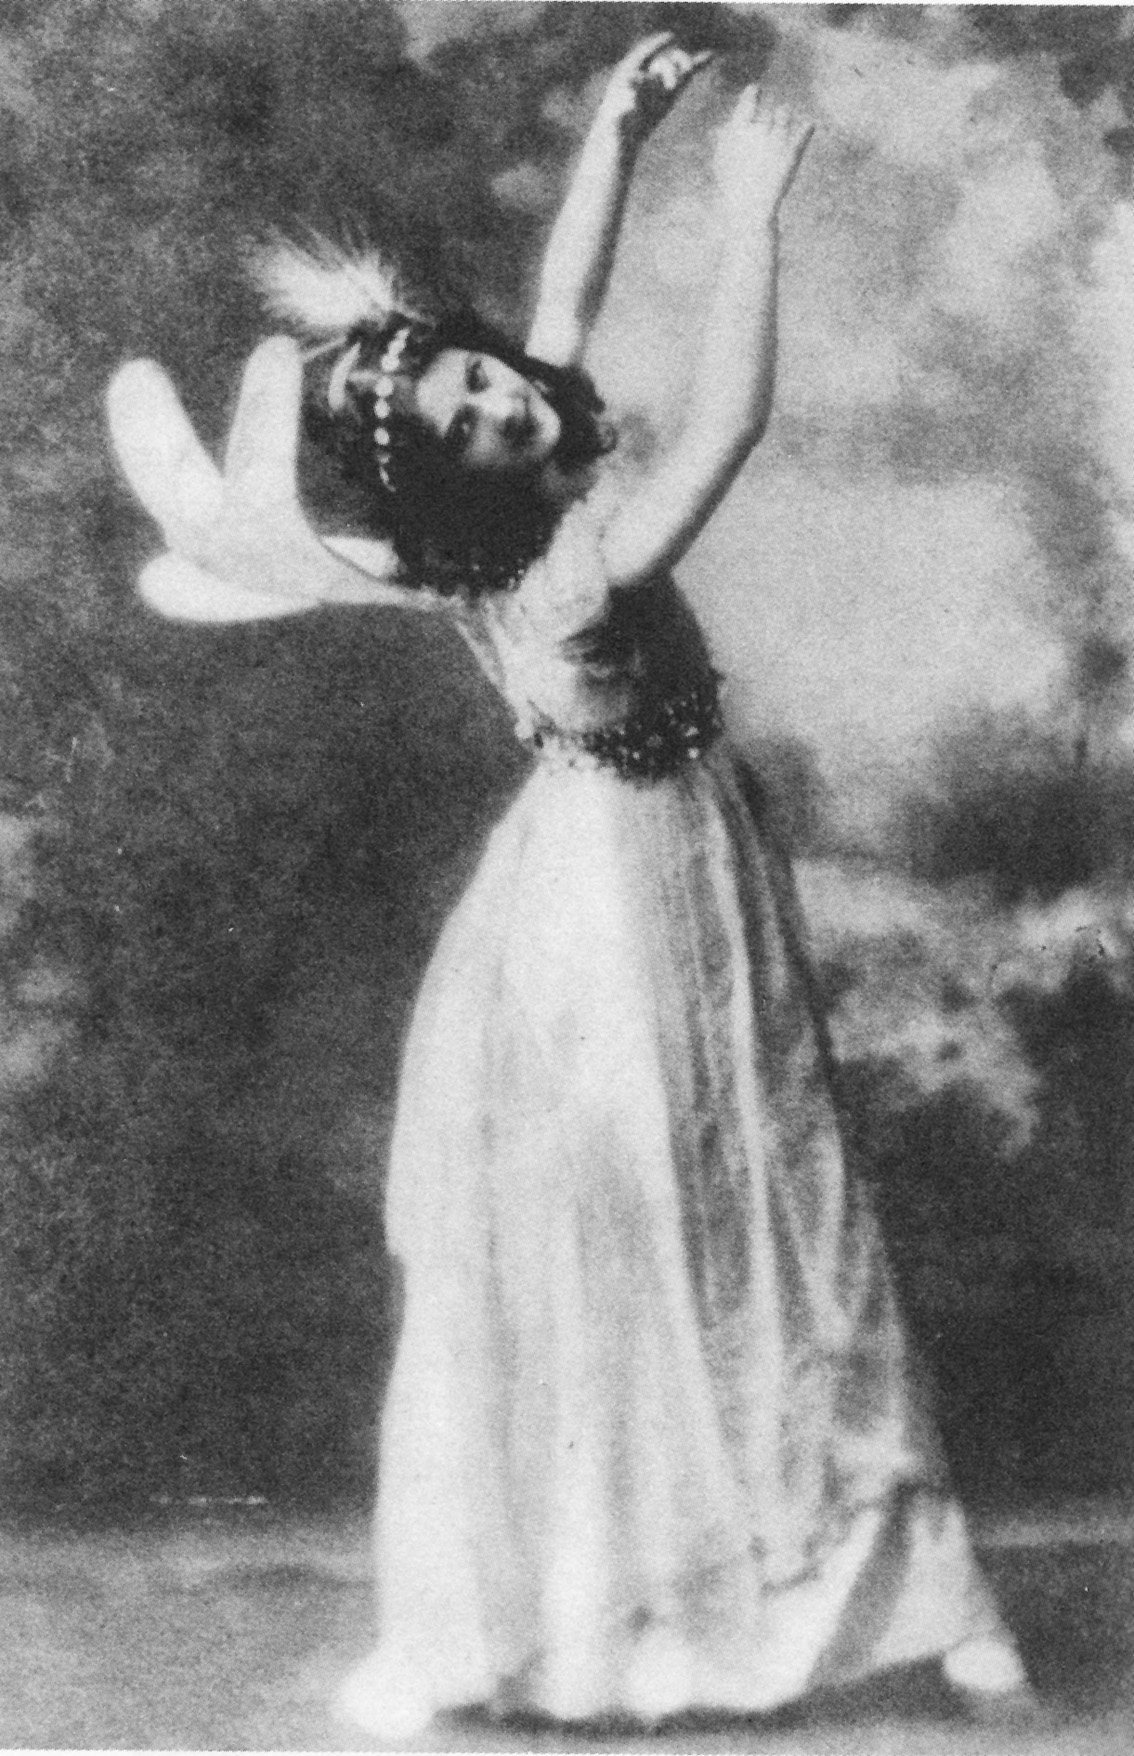 En 1896 como la primera hada de 'Sueño de una noche de verano' de Shakespeare, uno de sus primeros trabajos